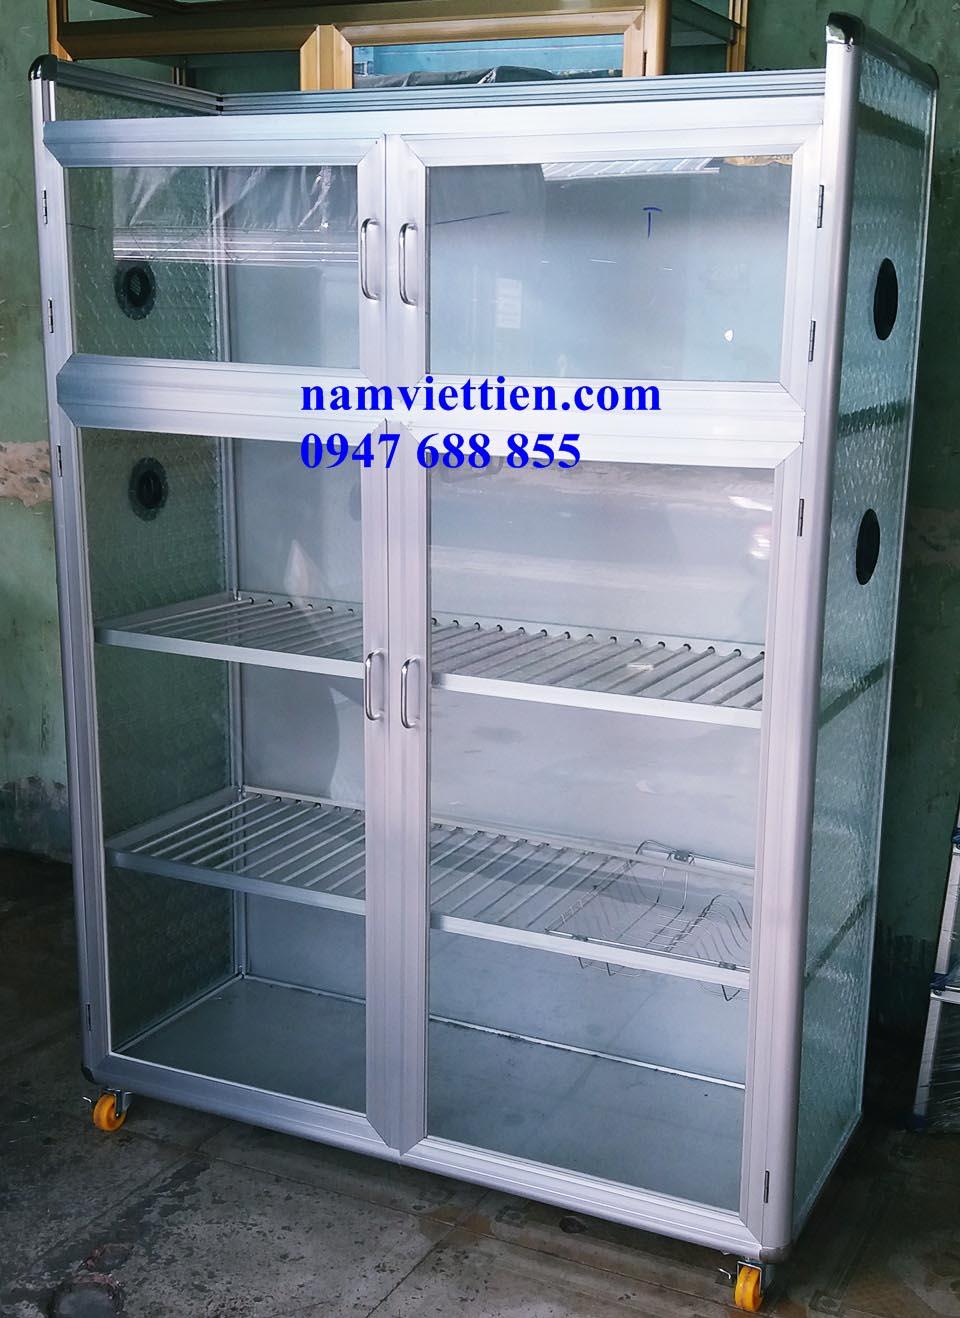 20180716 152951 - Tủ đựng cốc chén nhôm giá rẻ